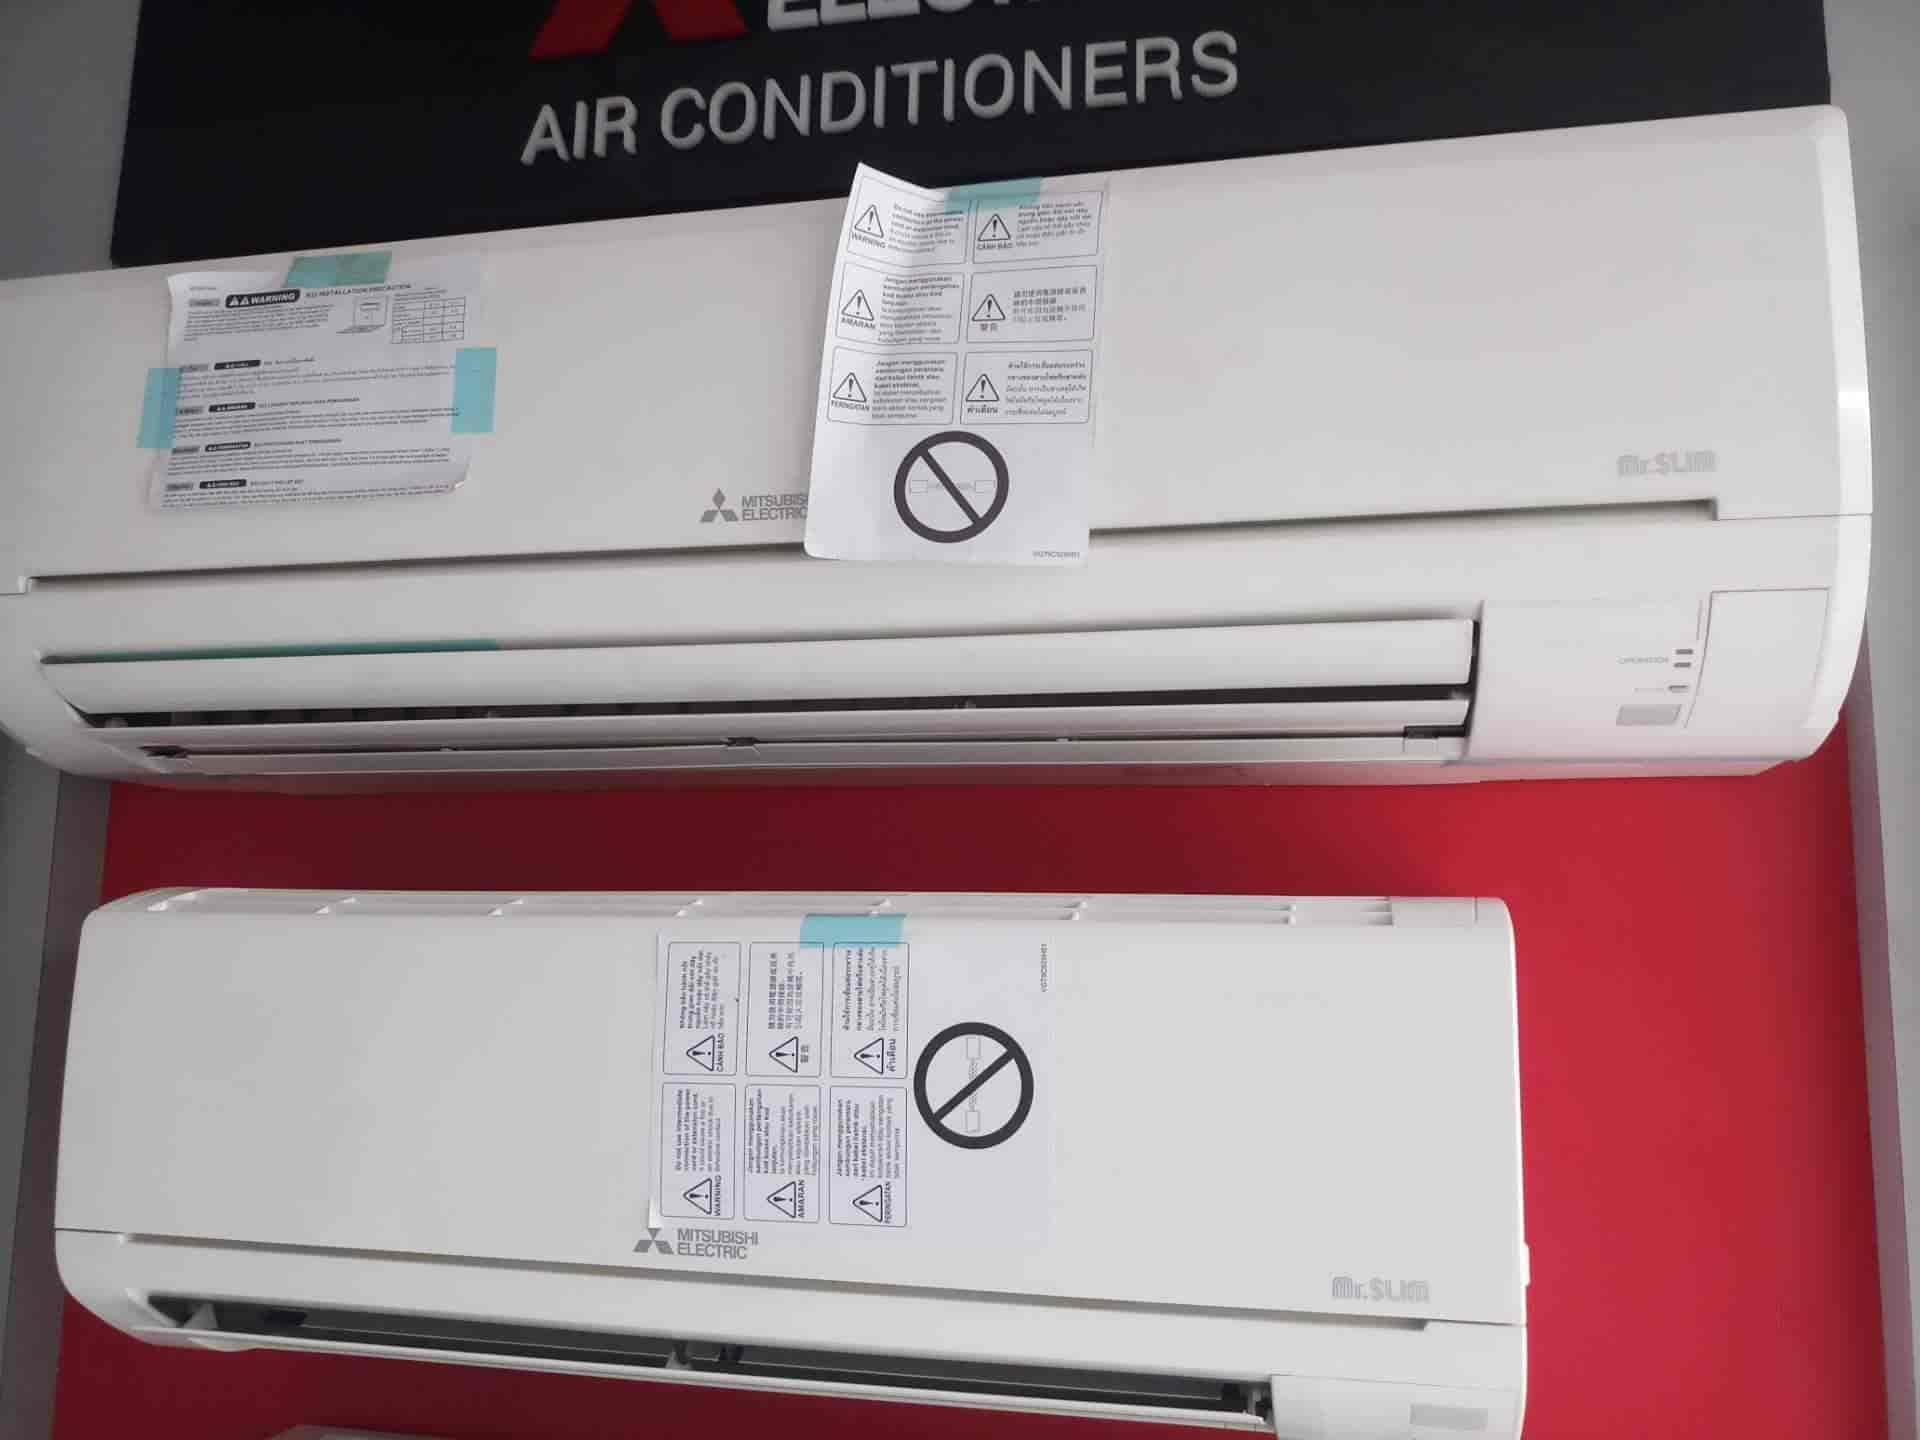 Sheet Aircon, Cbd Belapur - AC Dealers in Navi Mumbai